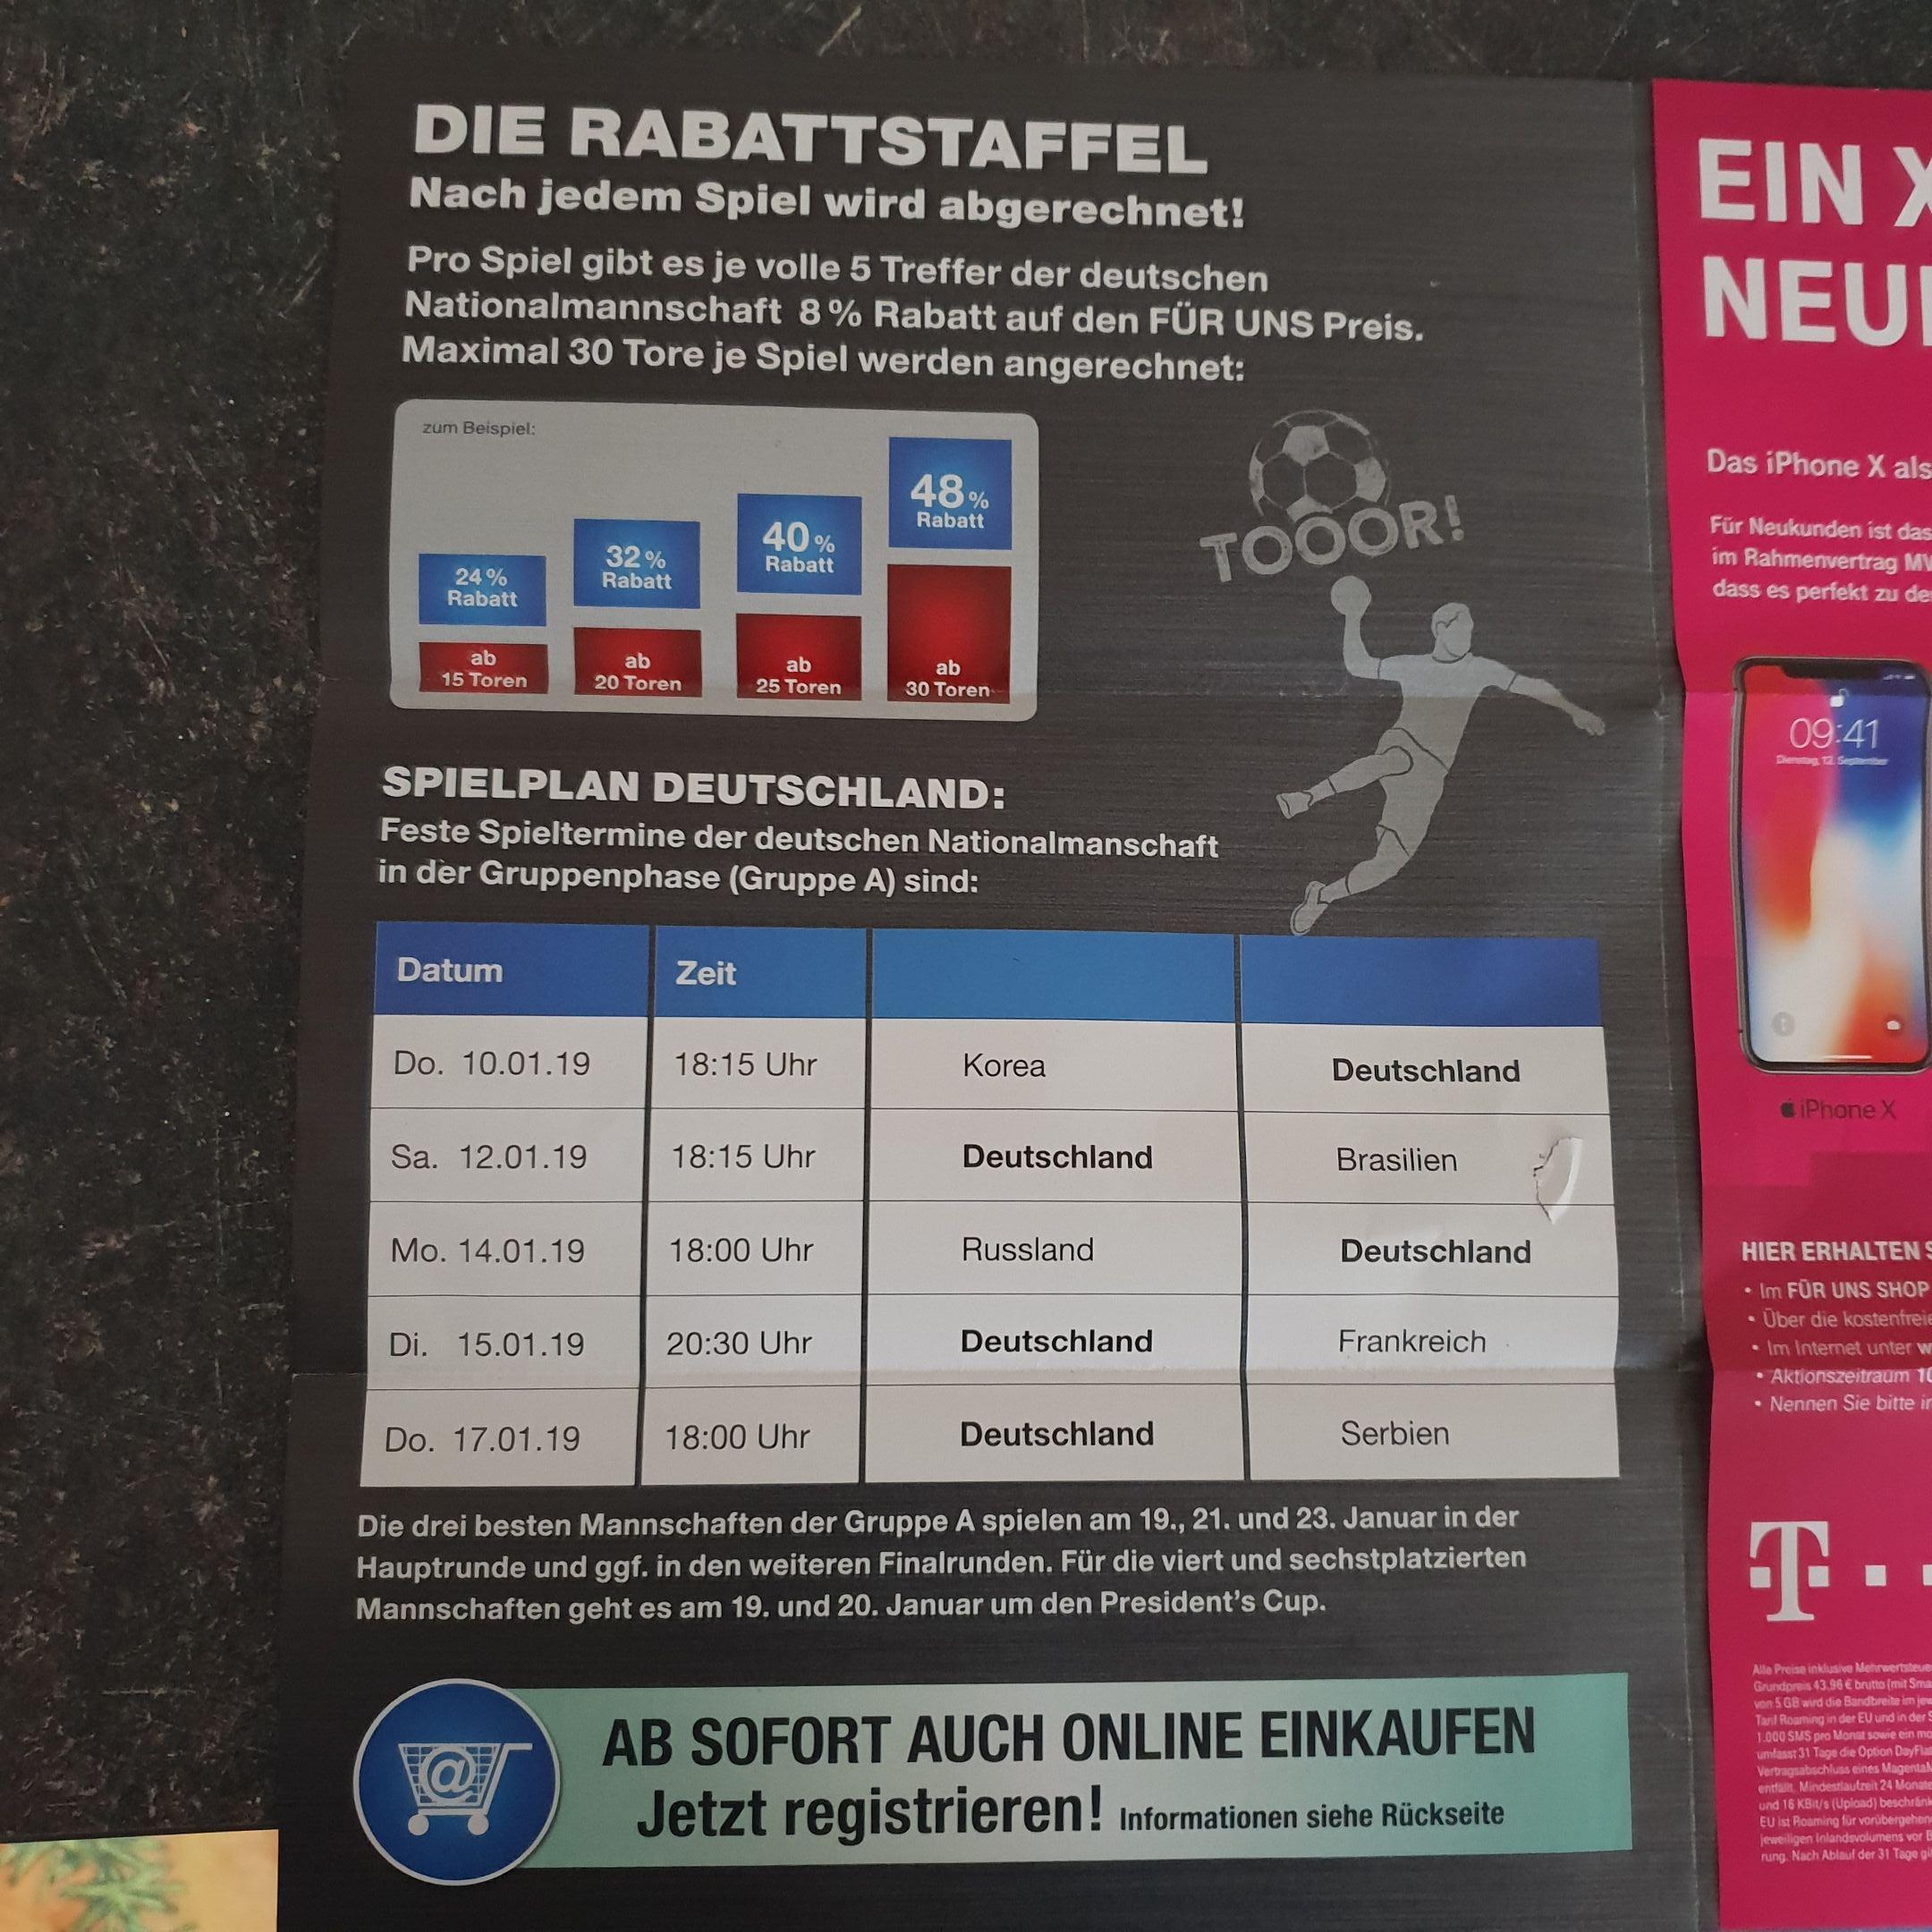 Siemens FürUns Shop (auch für nicht Mitarbeiter möglich) bis 48% Rabatt möglich - ab 10.1.